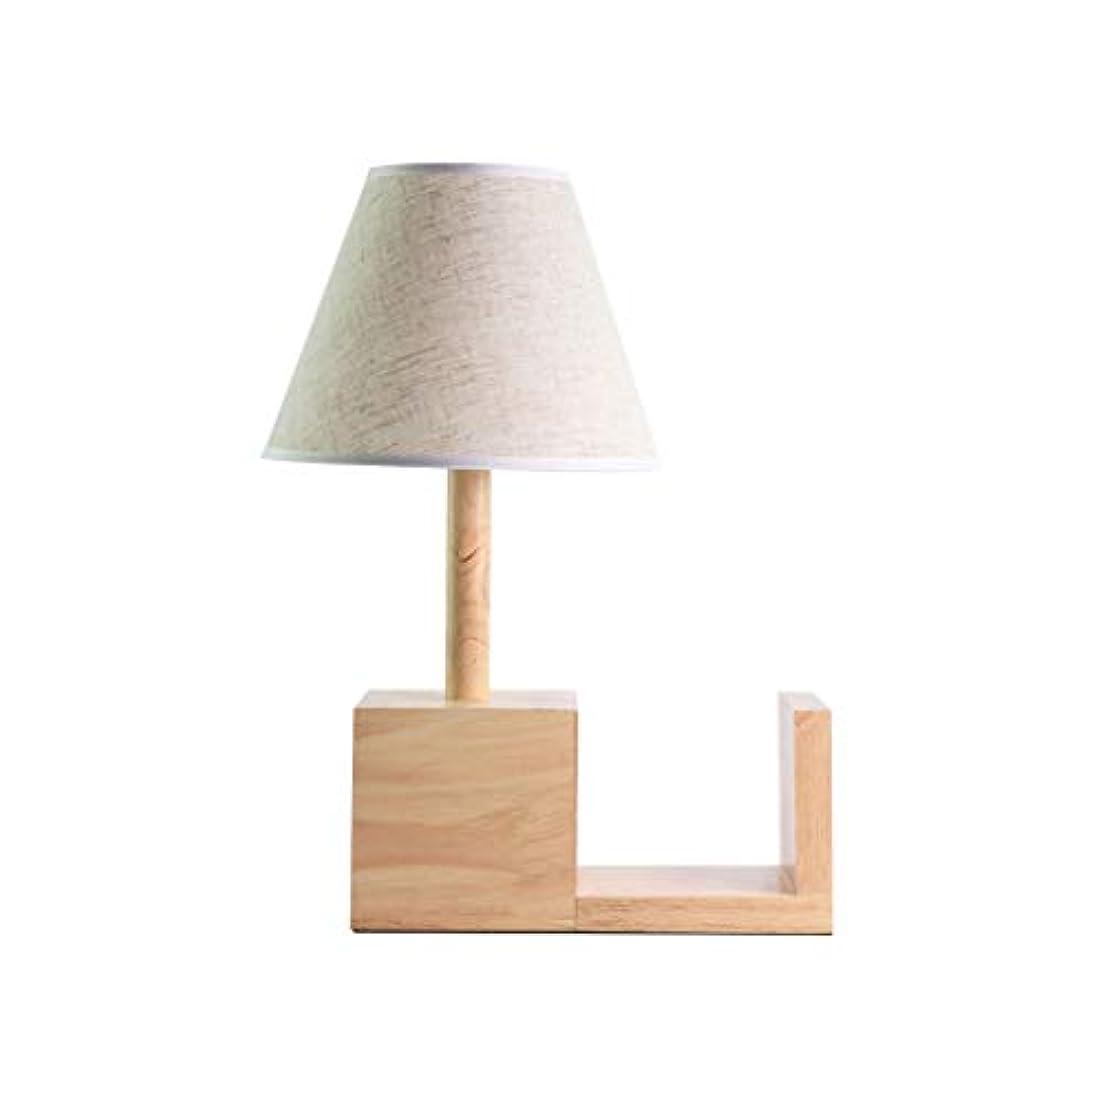 休憩綺麗な溝明るい 純木の電気スタンドテーブルランプの寝室のベッドサイドランプシンプルなクリエイティブロマンチックな電気スタンド 照明システム (Color : White)